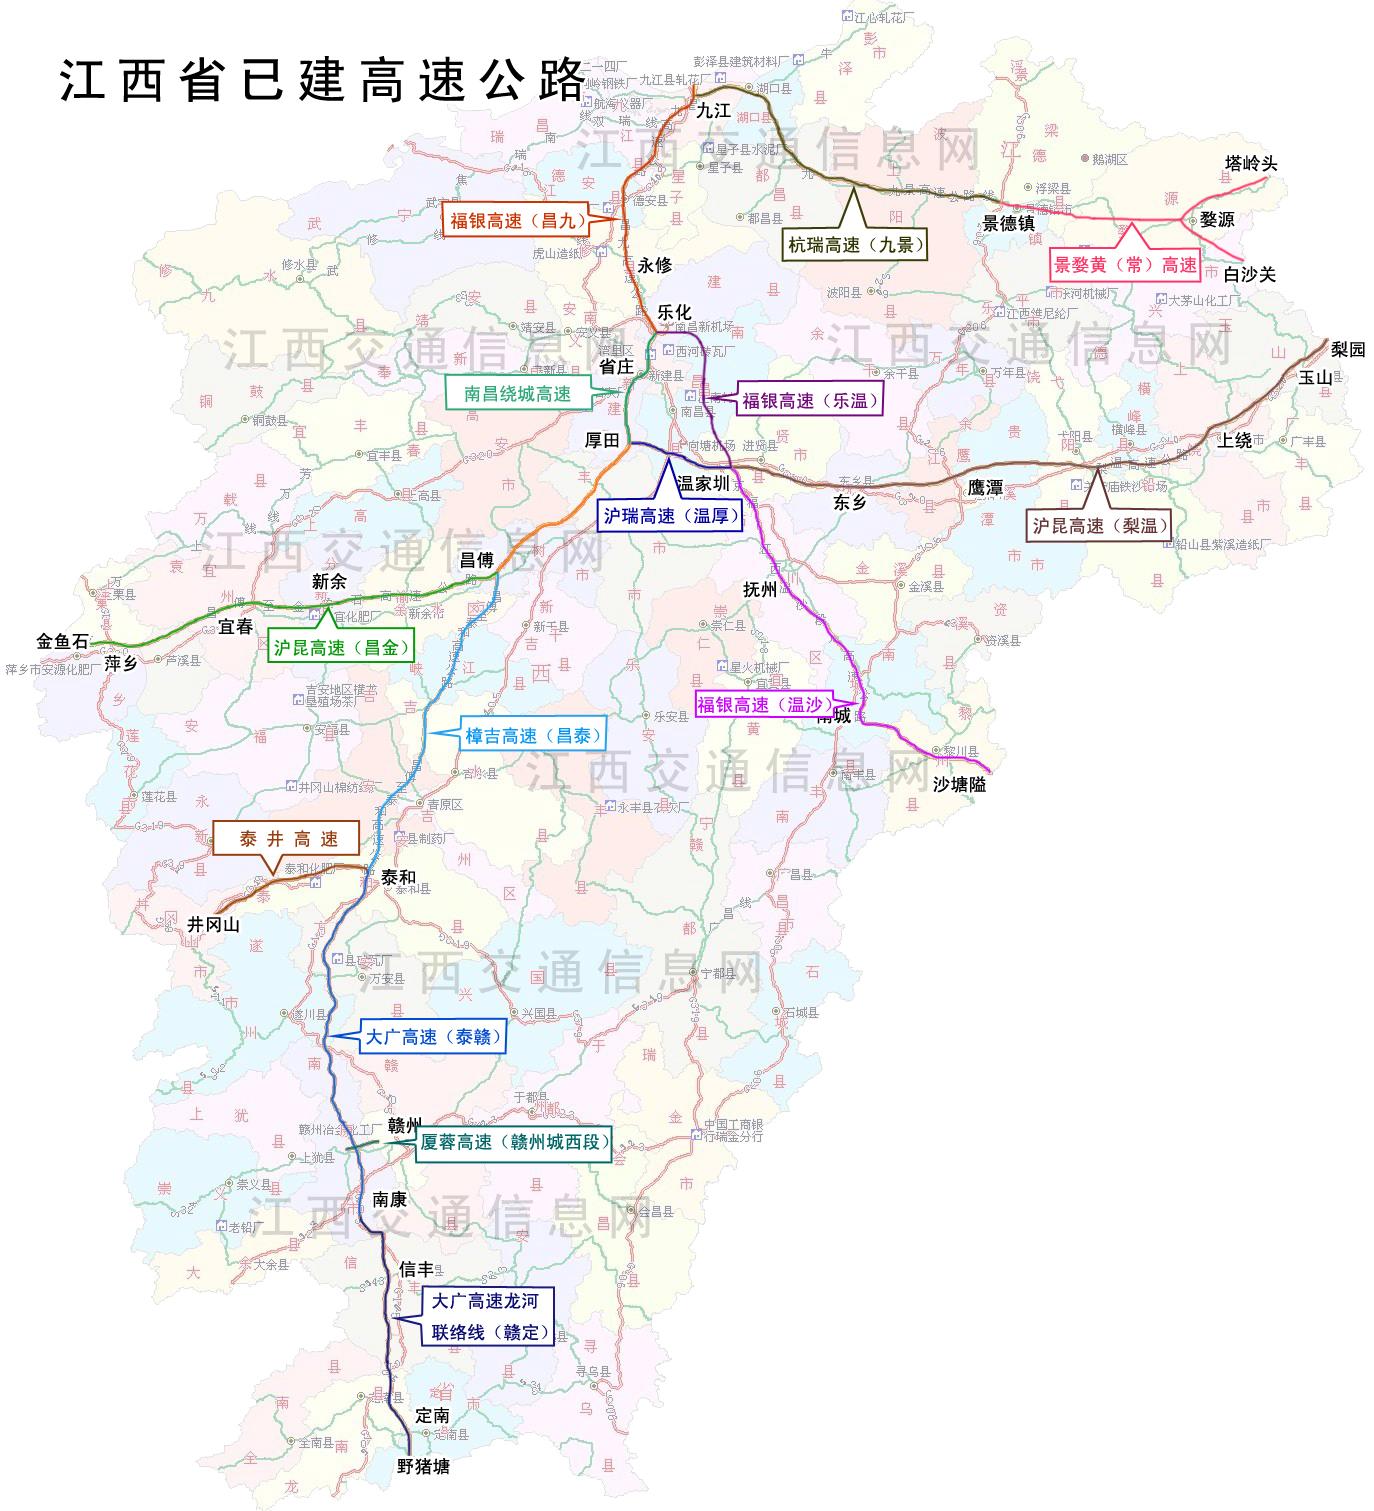 江西高速公路线路图